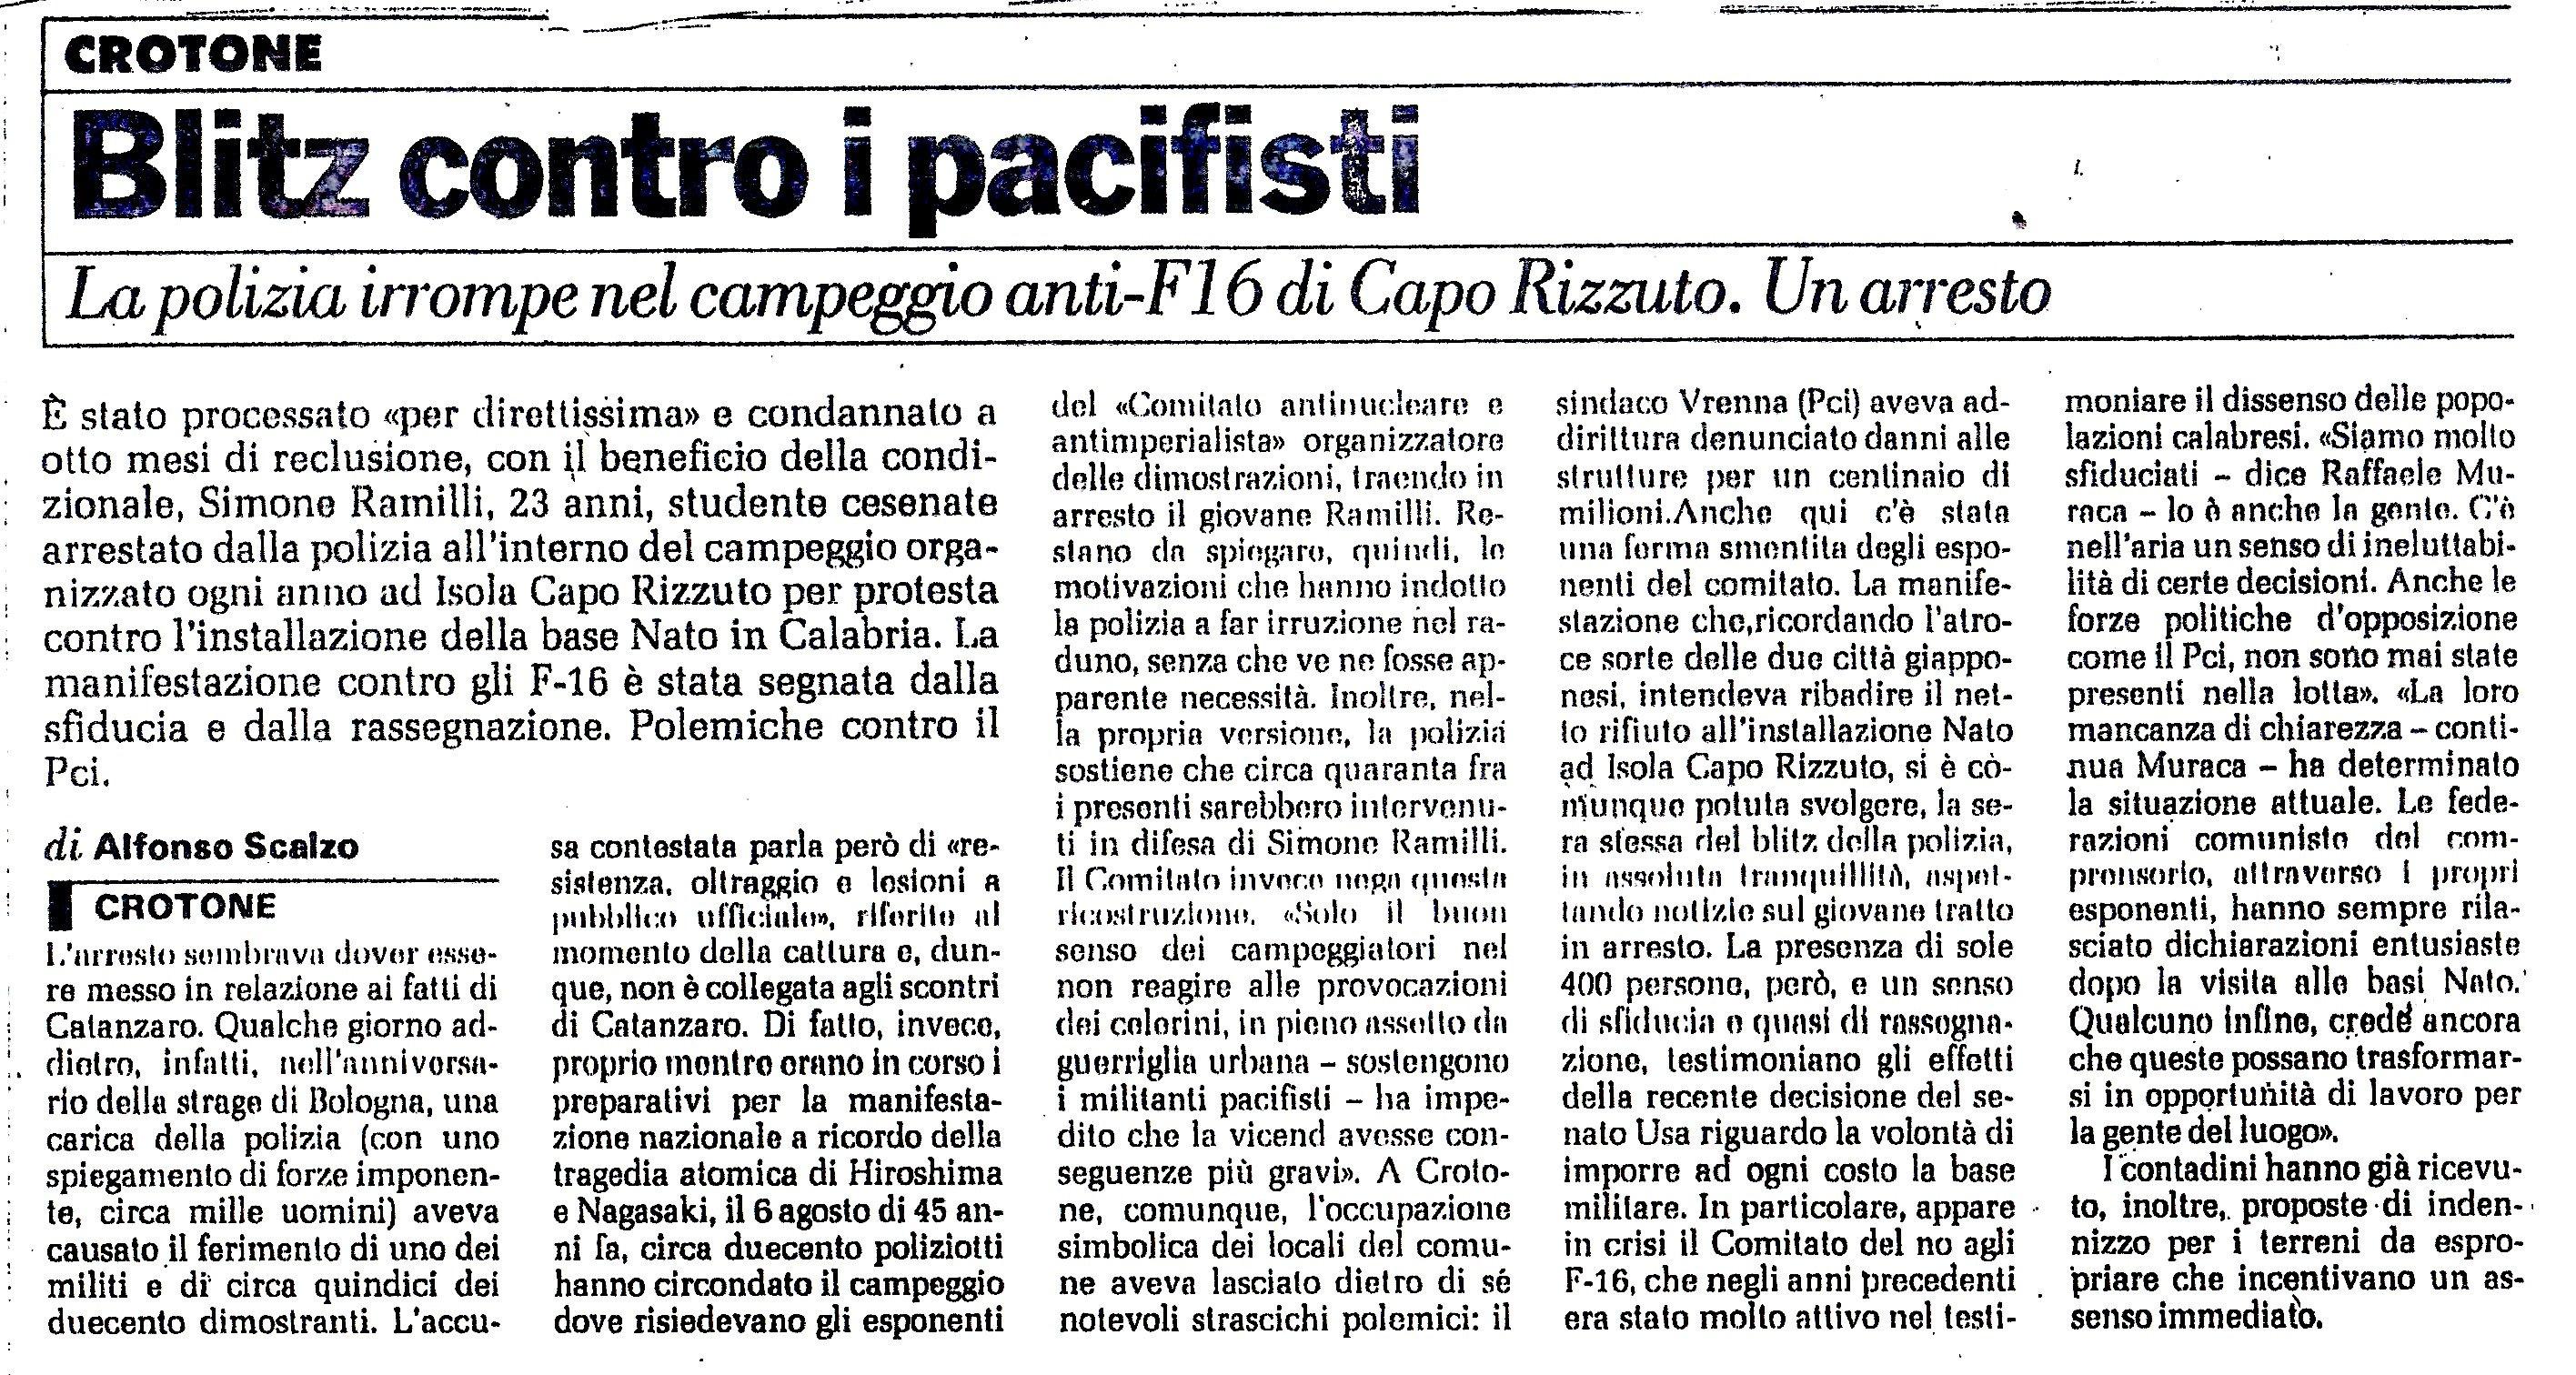 Articolo del Manifesto sull'arresto di Simone Ramilli